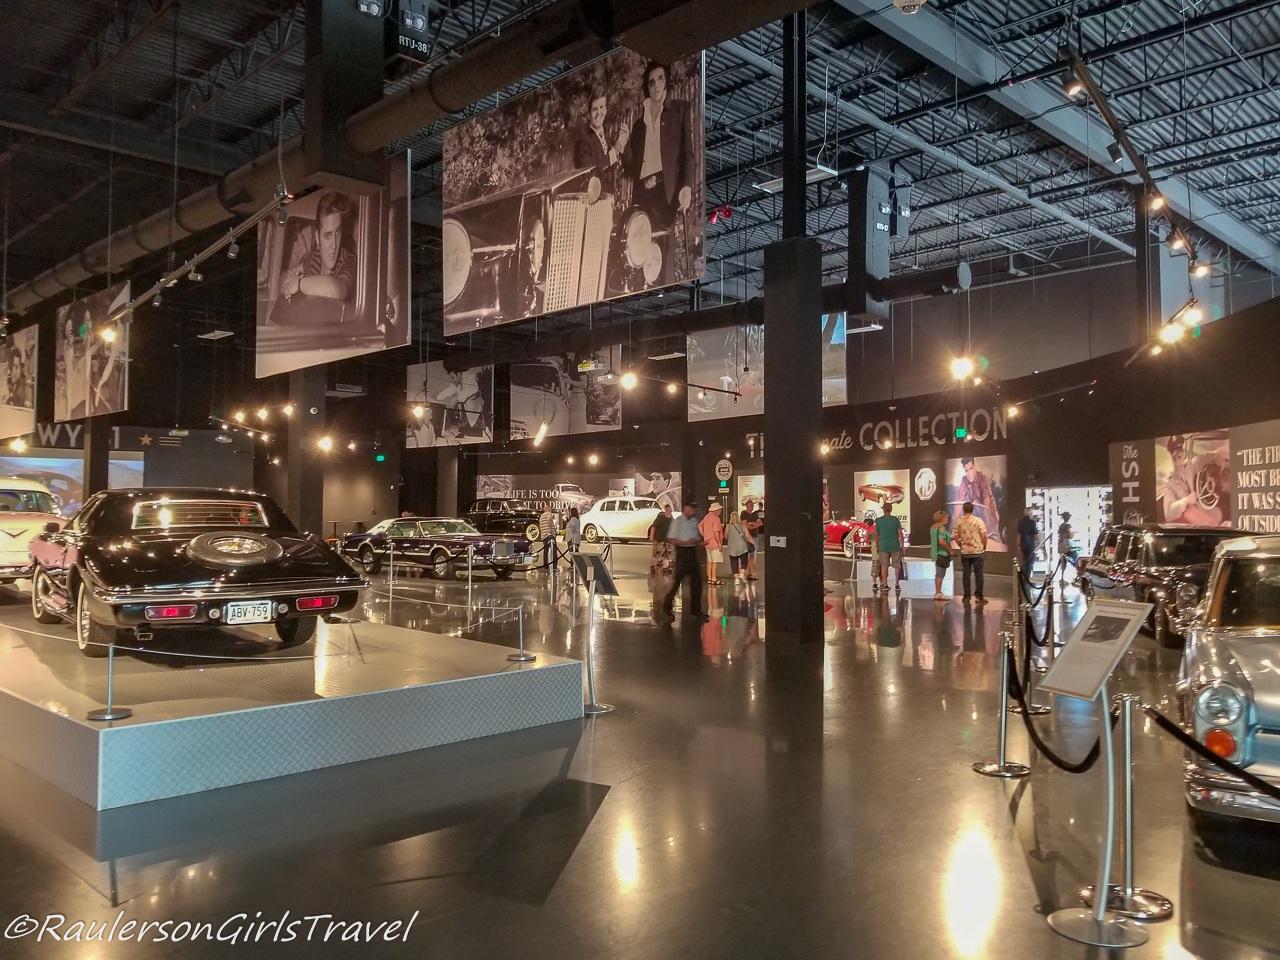 Presley Motors Automobile Museum & Presley Cycles